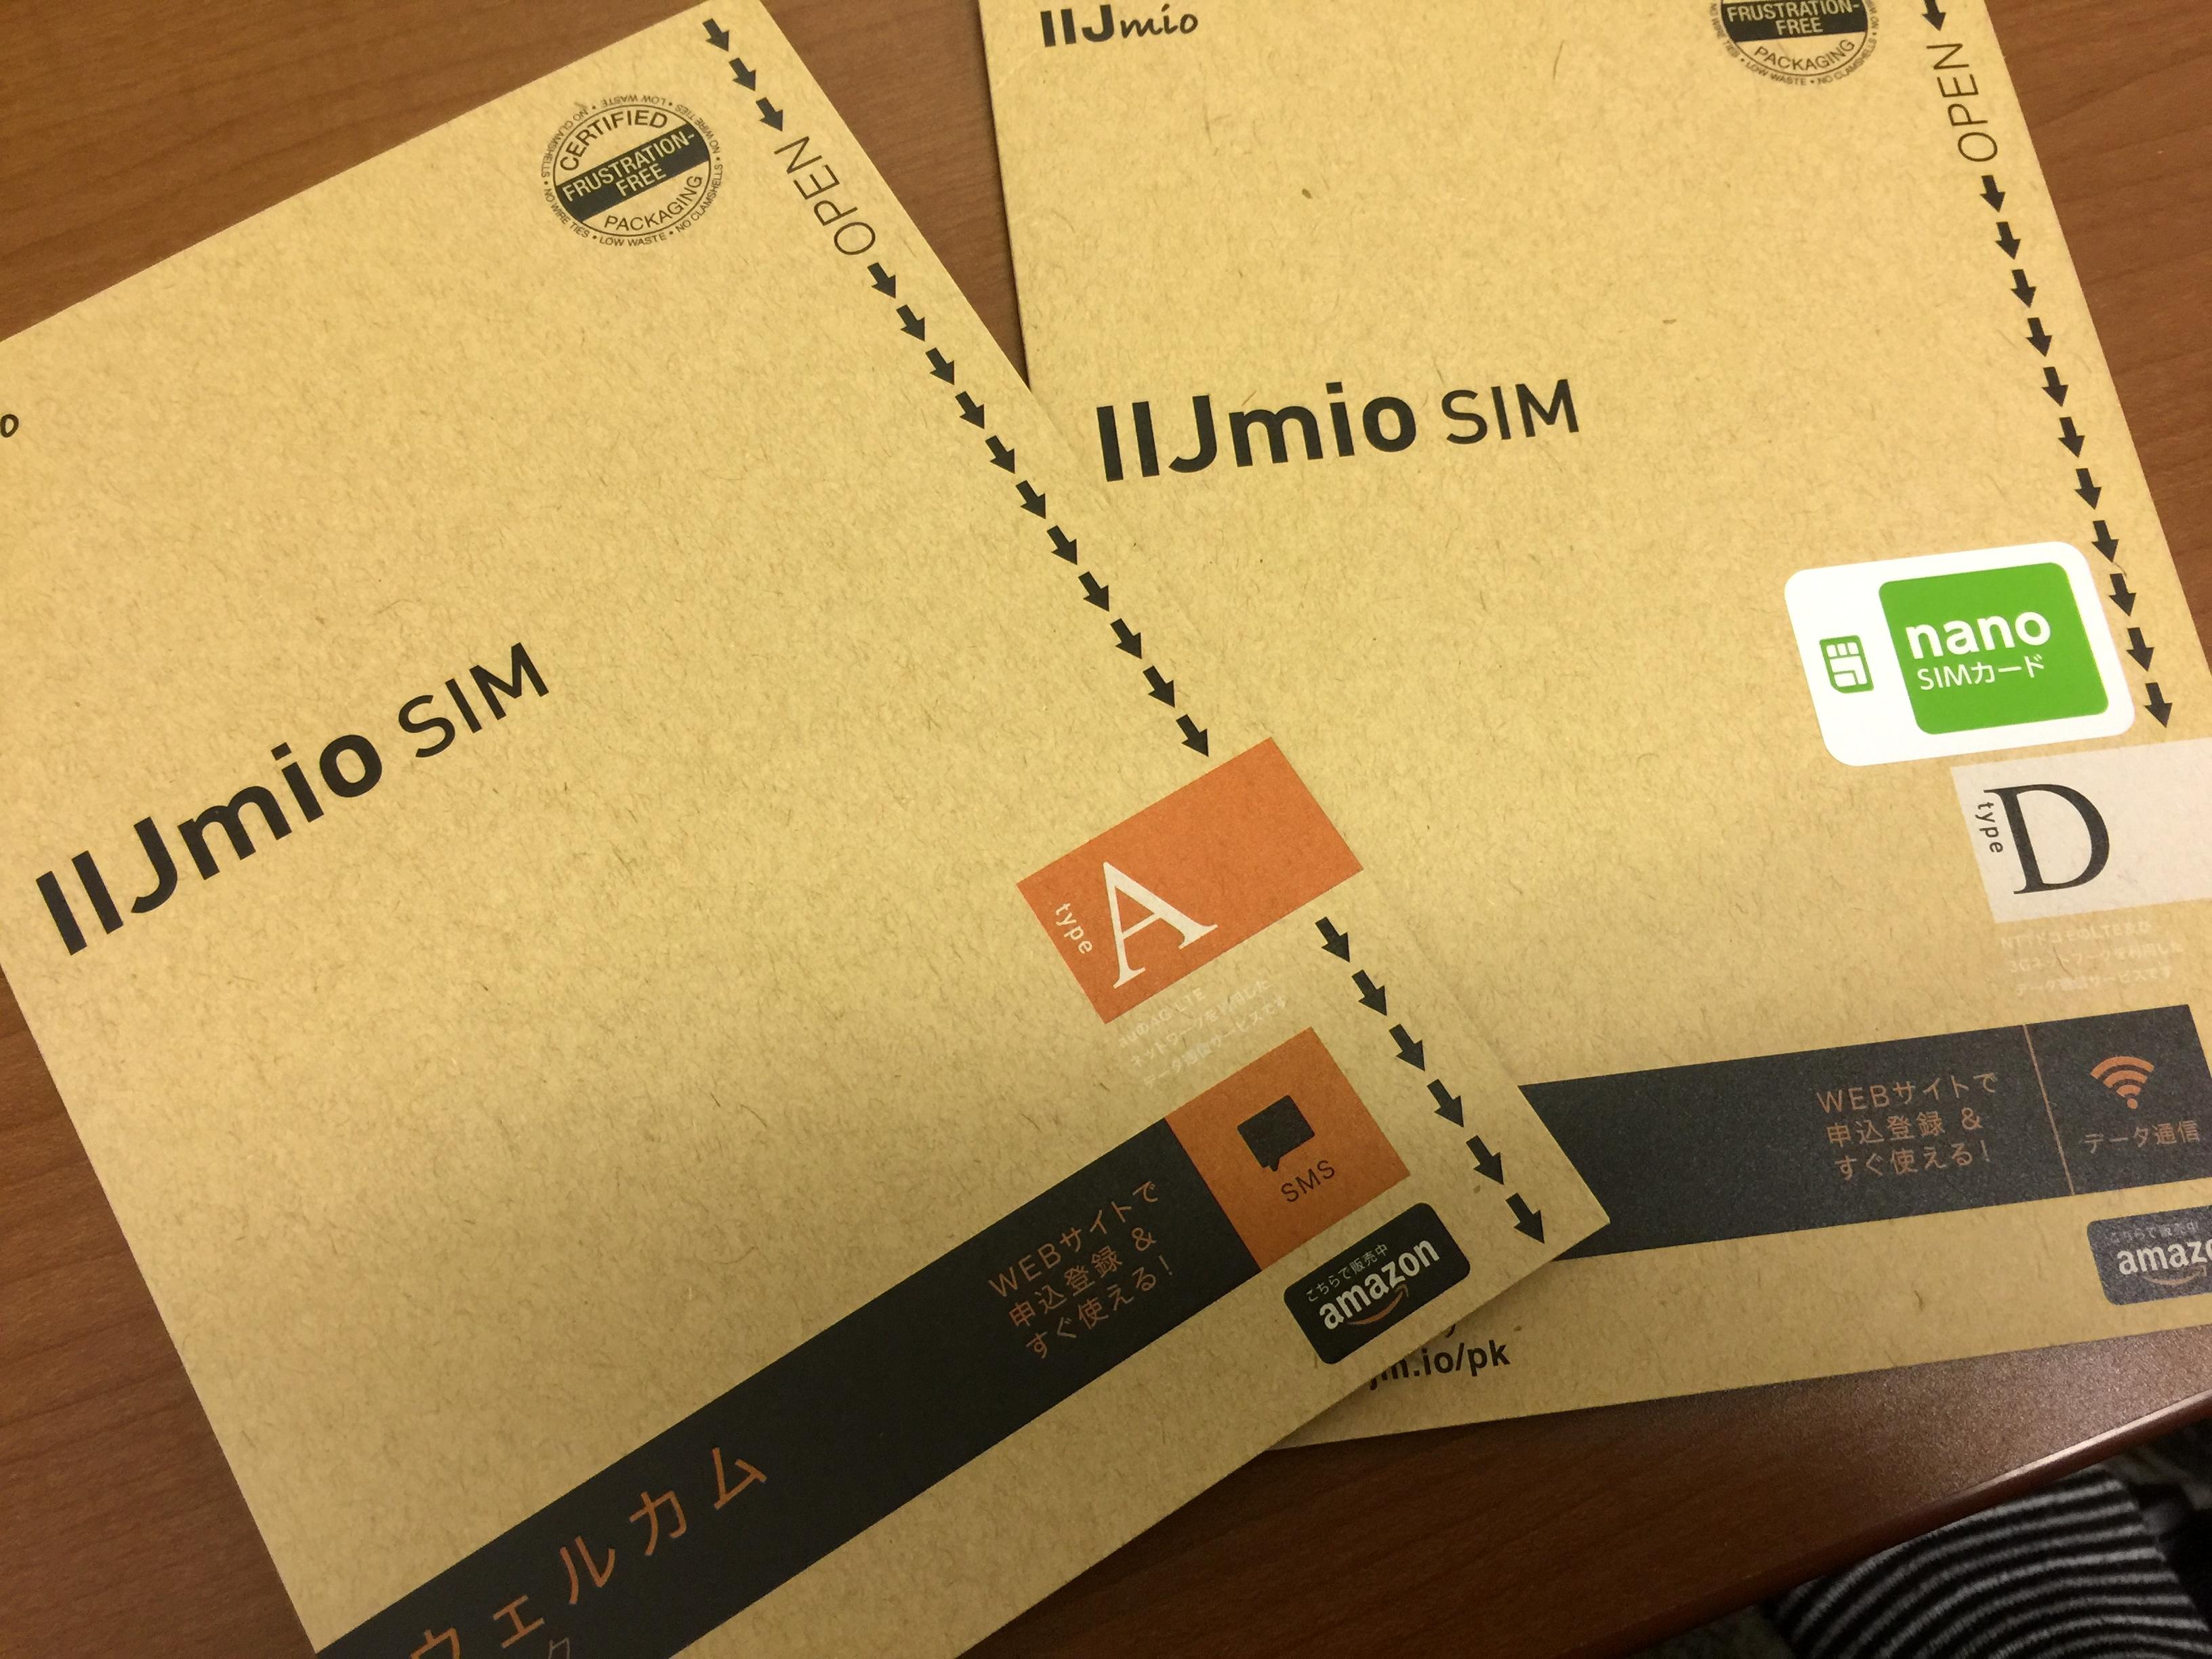 IIJmioの設定